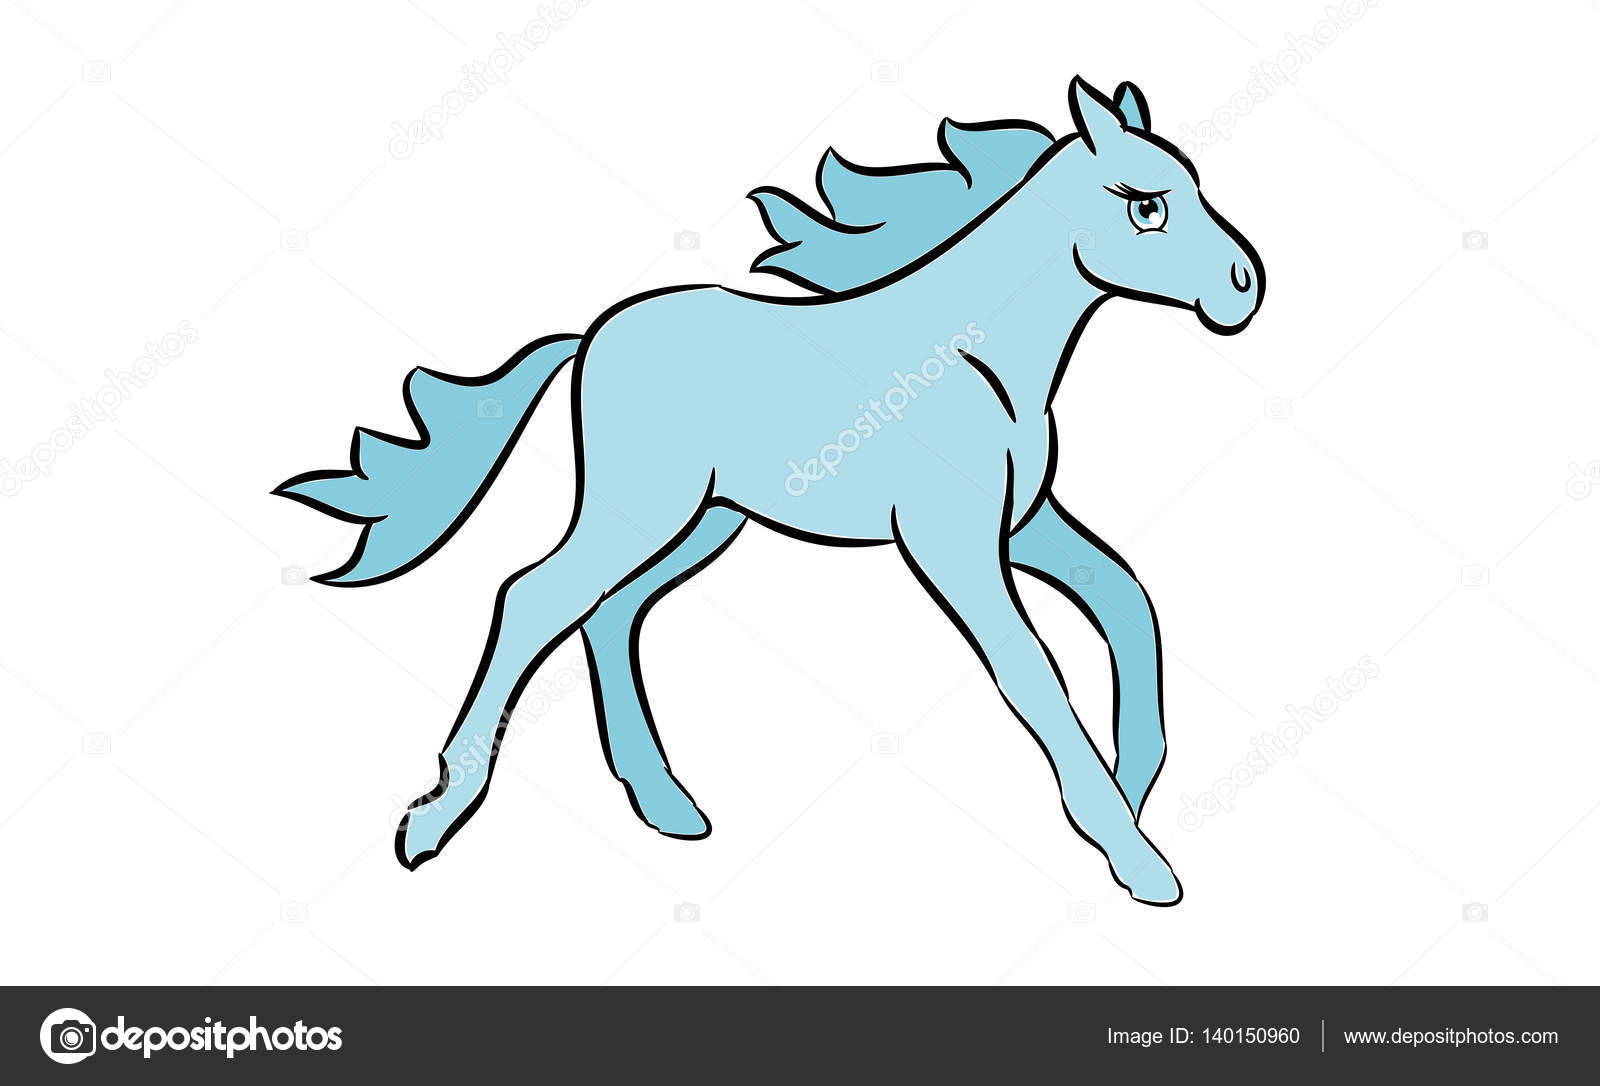 Cute Horse Drawing Cute Horse Drawing Stock Vector C Aberheide 140150960